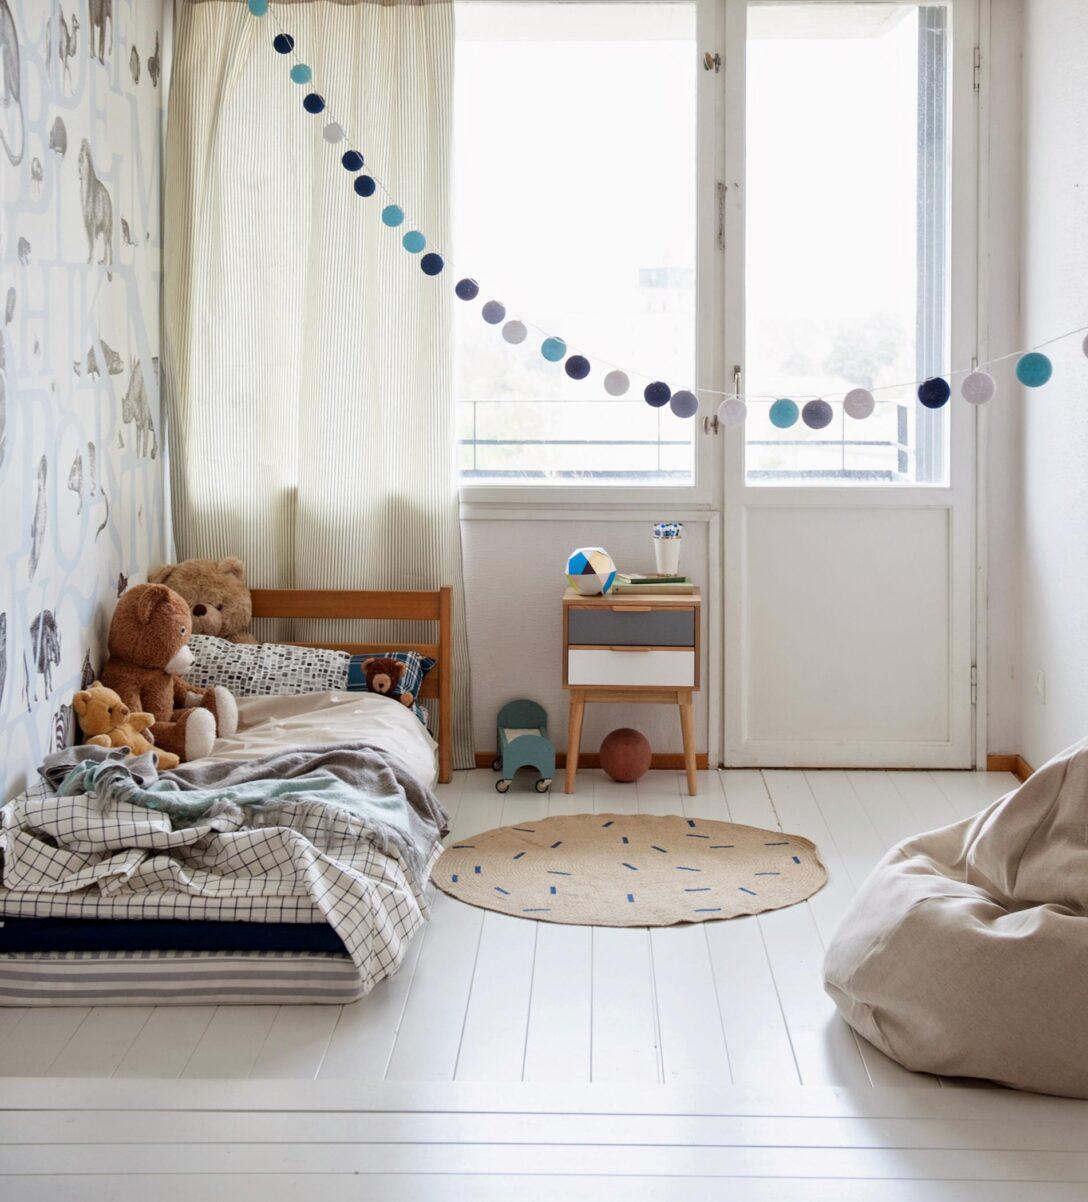 Large Size of Runder Teppich Kinderzimmer Bilder Ideen Couch Regal Schlafzimmer Bad Esstisch Steinteppich Sofa Wohnzimmer Teppiche Badezimmer Regale Weiß Küche Kinderzimmer Runder Teppich Kinderzimmer